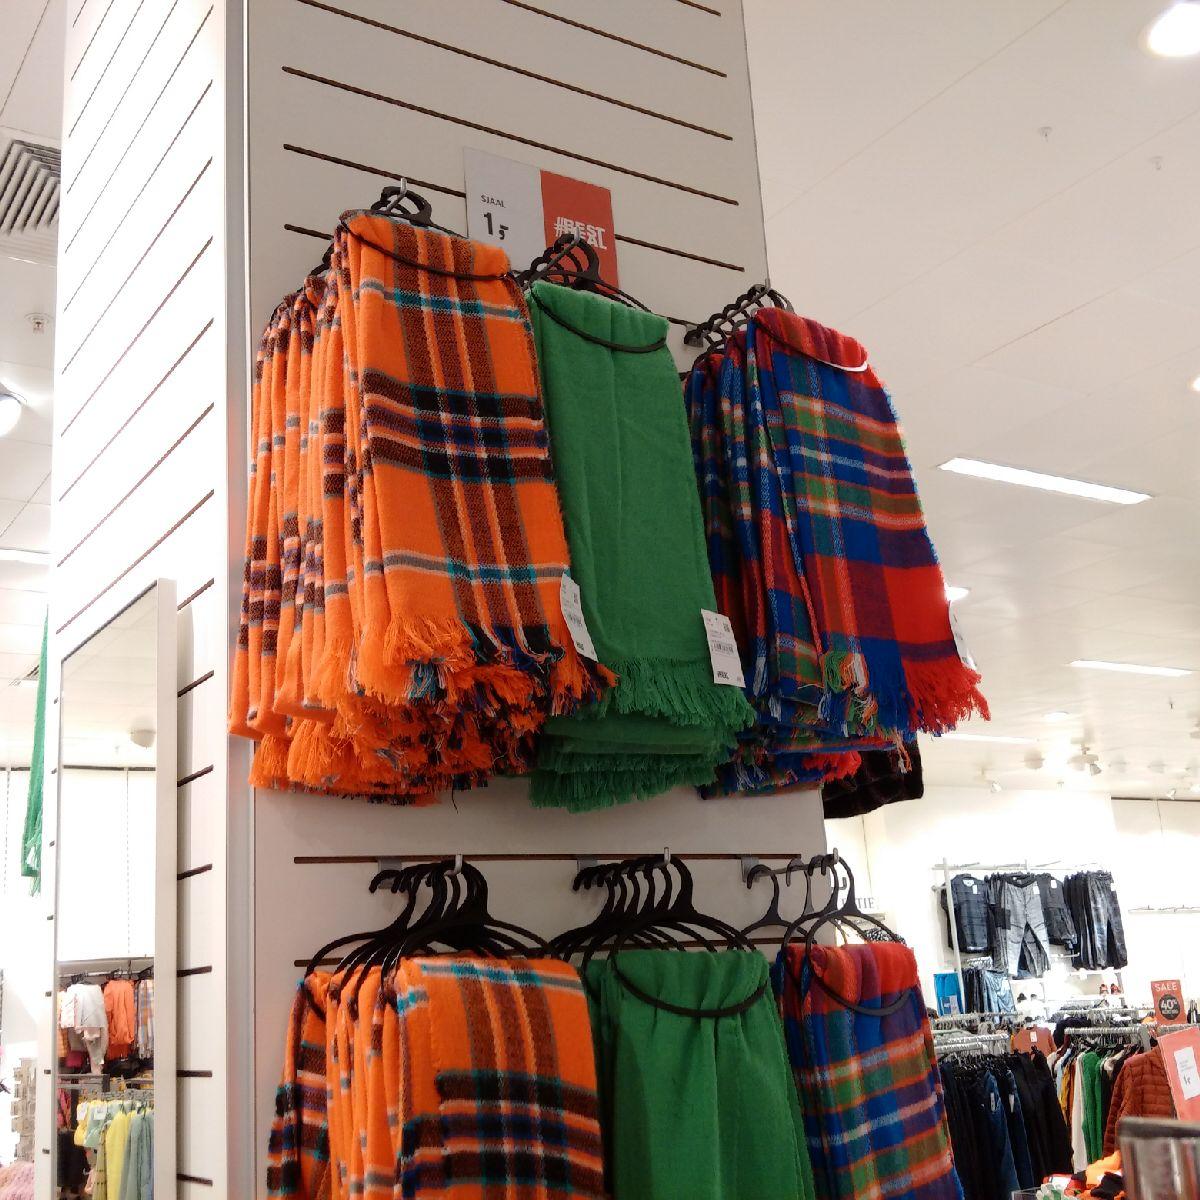 [Lokaal?] C&A Sjaals, mutsen en handschoenen €1